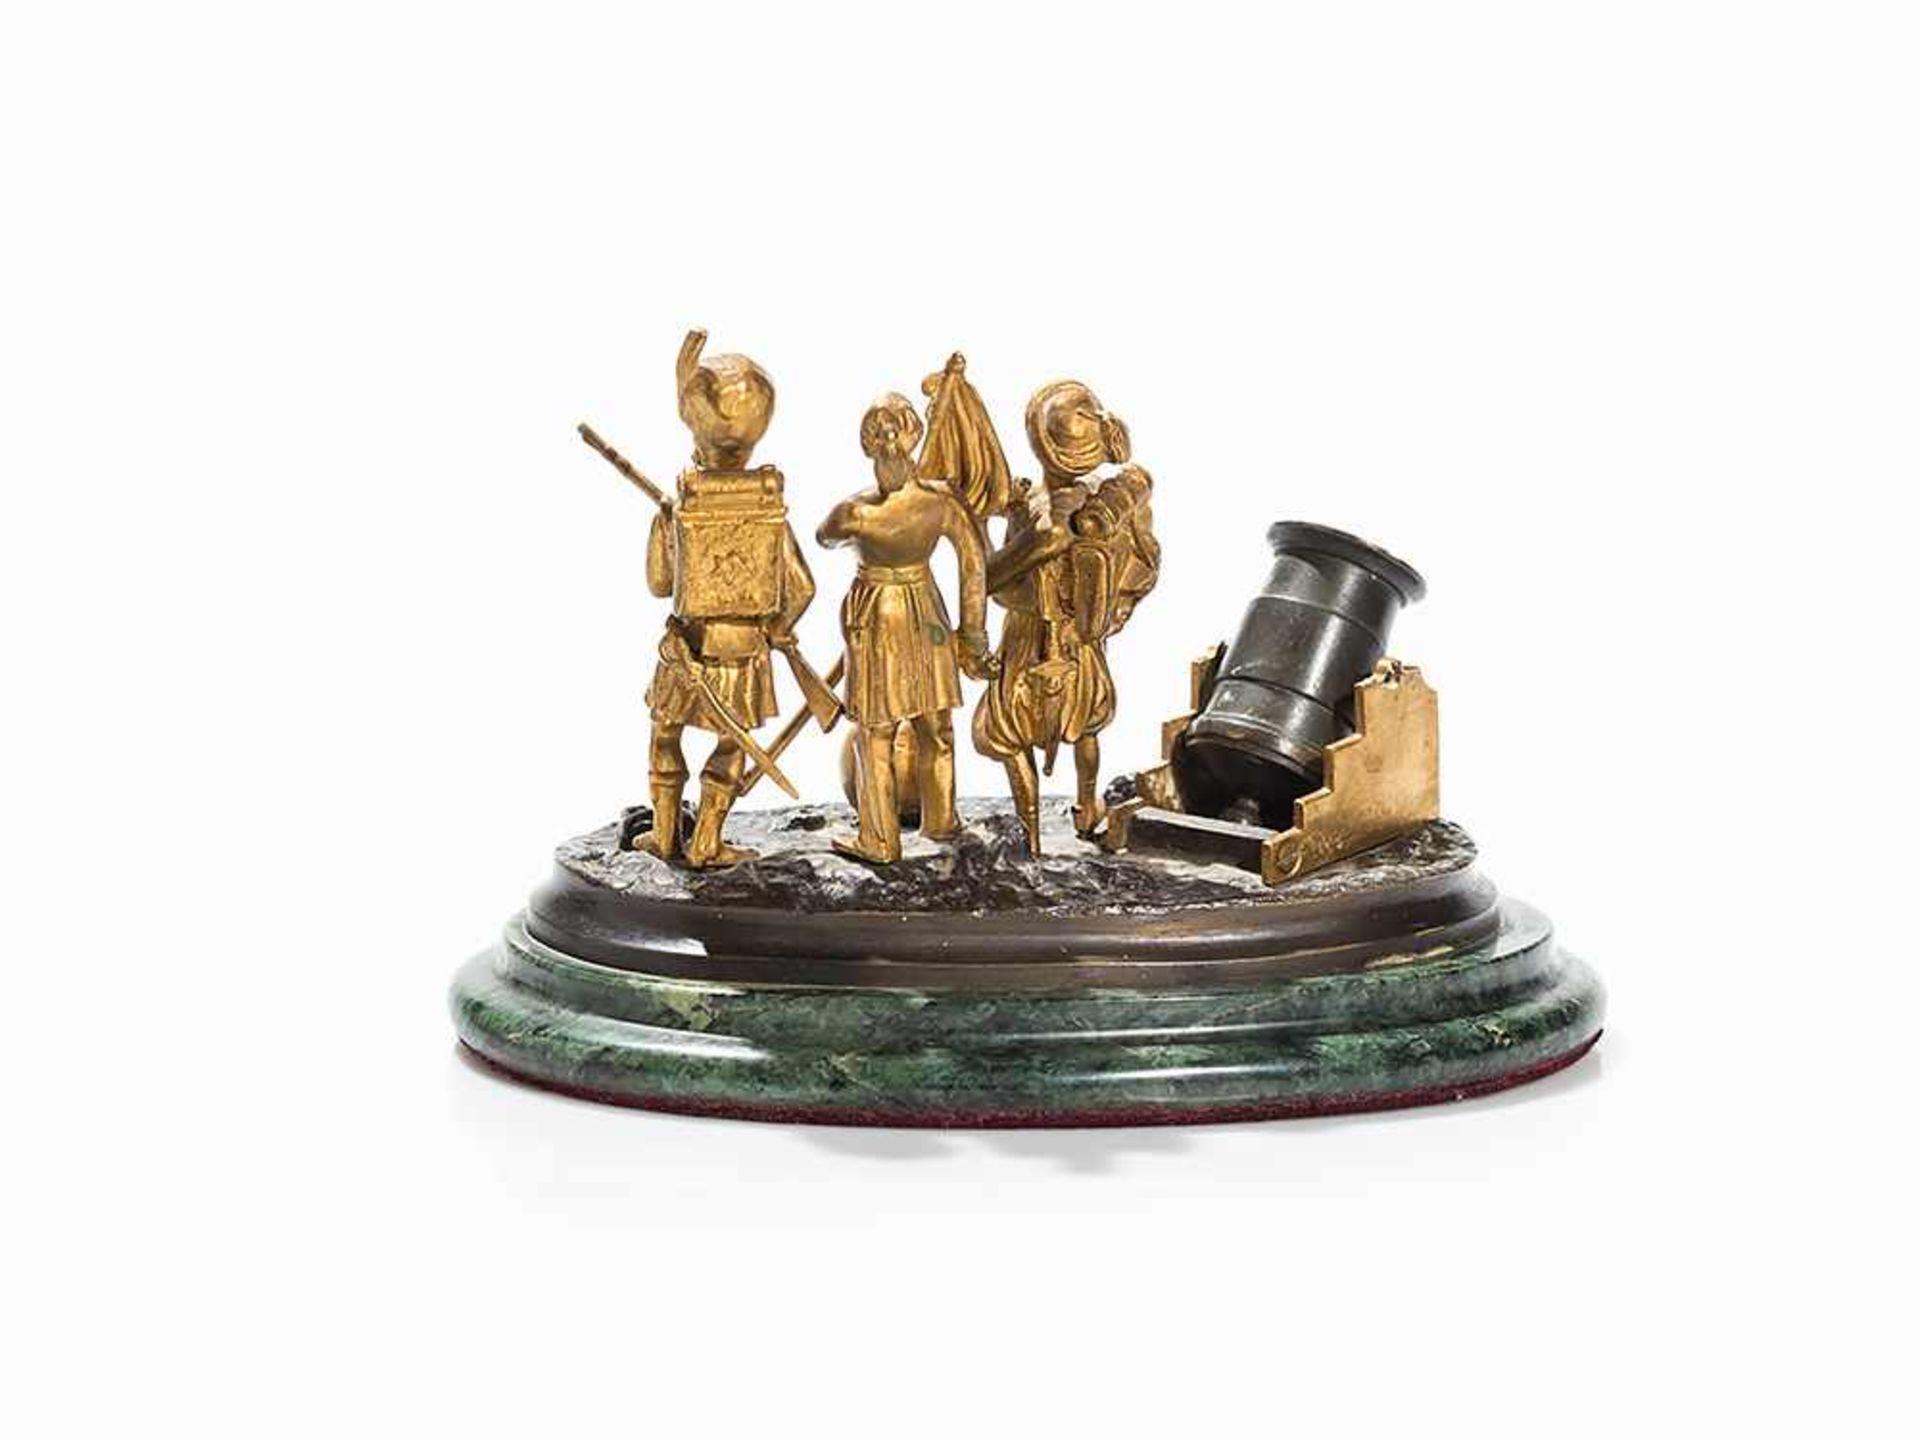 Los 102 - Militärische Figurengruppe aus Bronze, Griechenland, 19. Jh. Bronze, teils vergoldet und dunkel